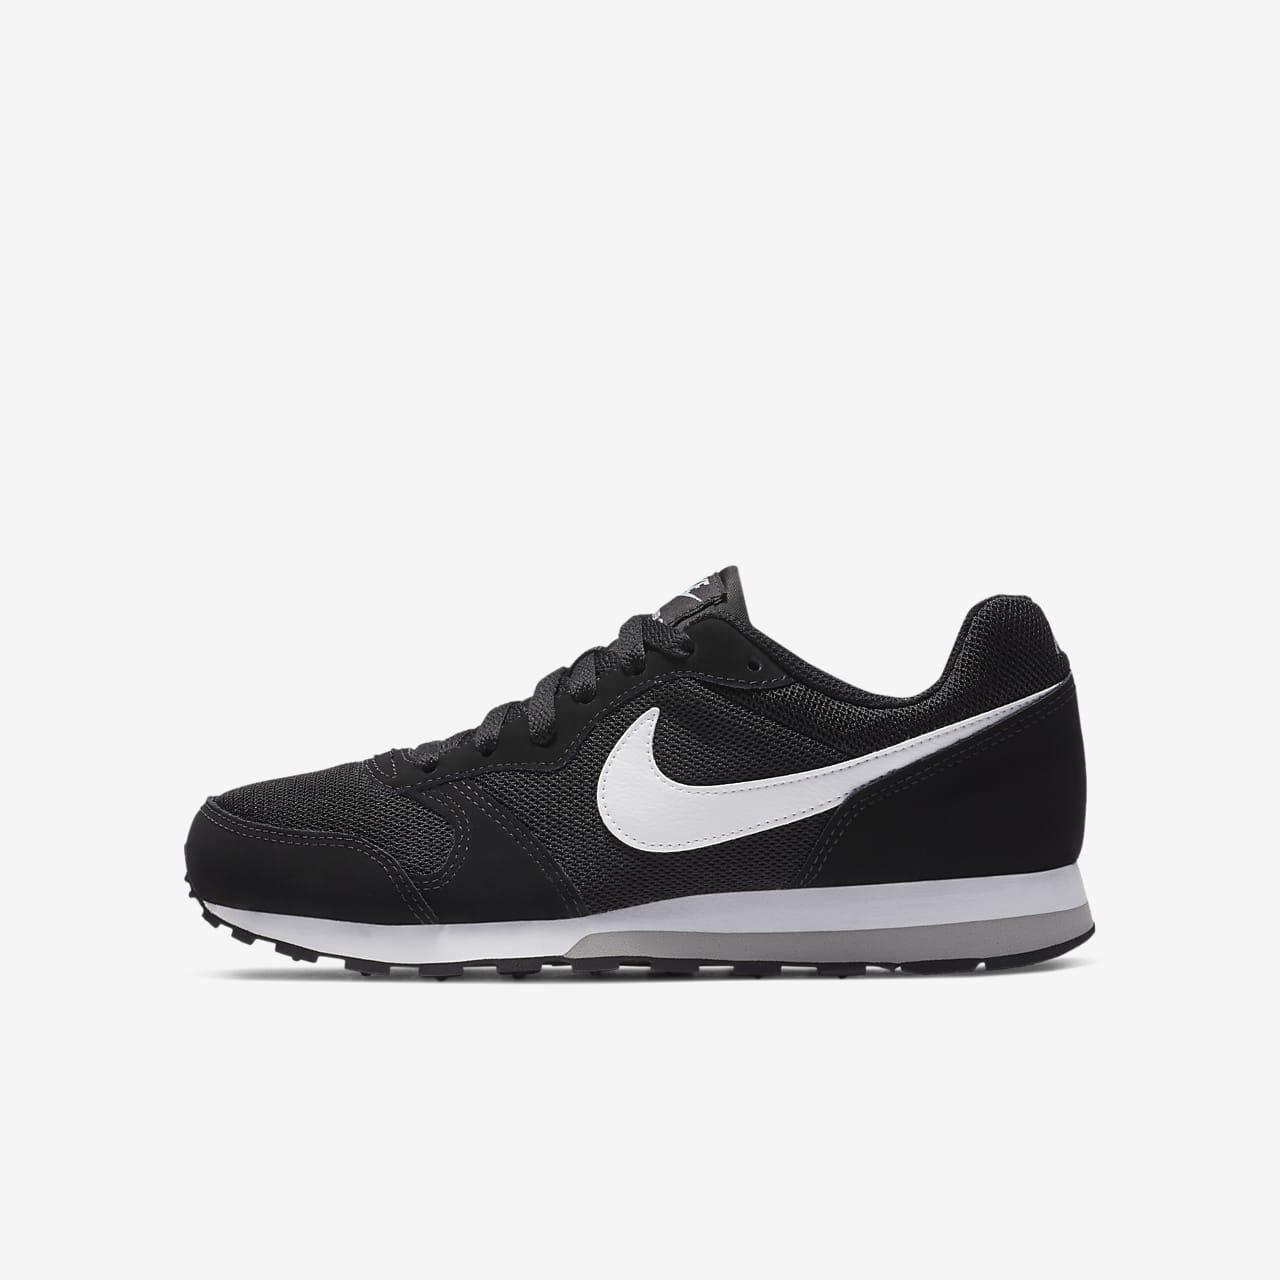 Ältere Schuh Nike Md Runner Für Kinder 2 uTl1JKF35c